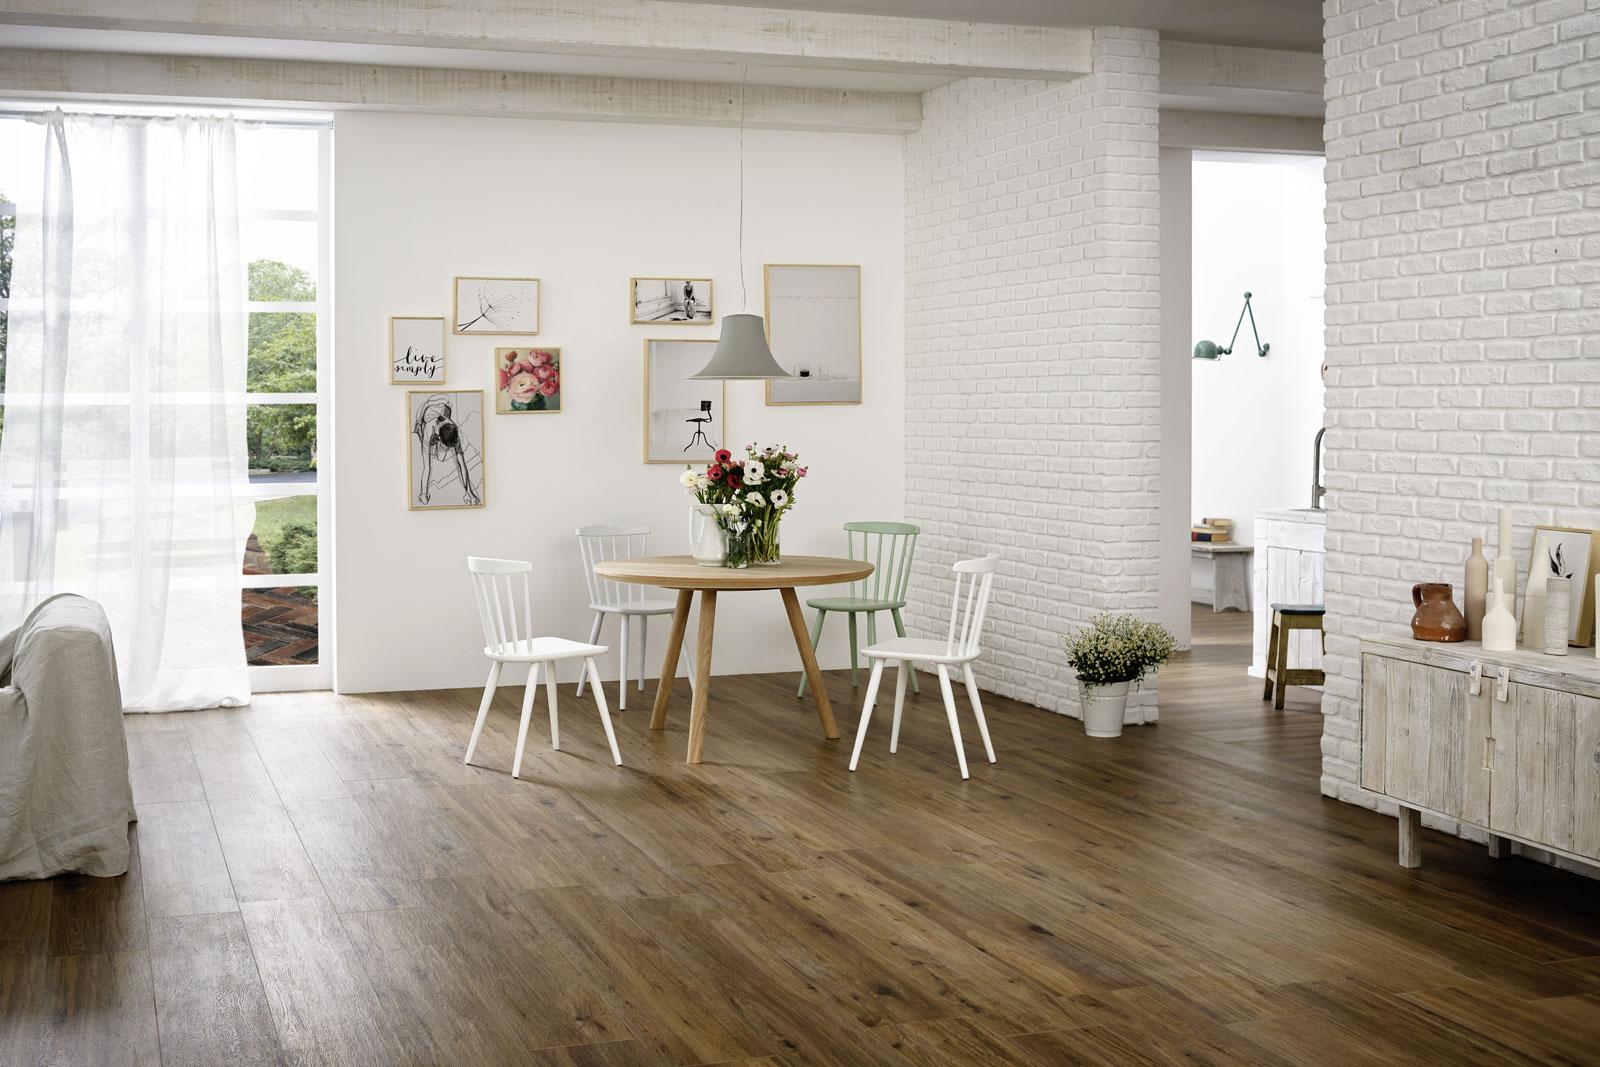 Die besten Ideen von Marazzi für die kreative Bodengestaltung Ihres ...